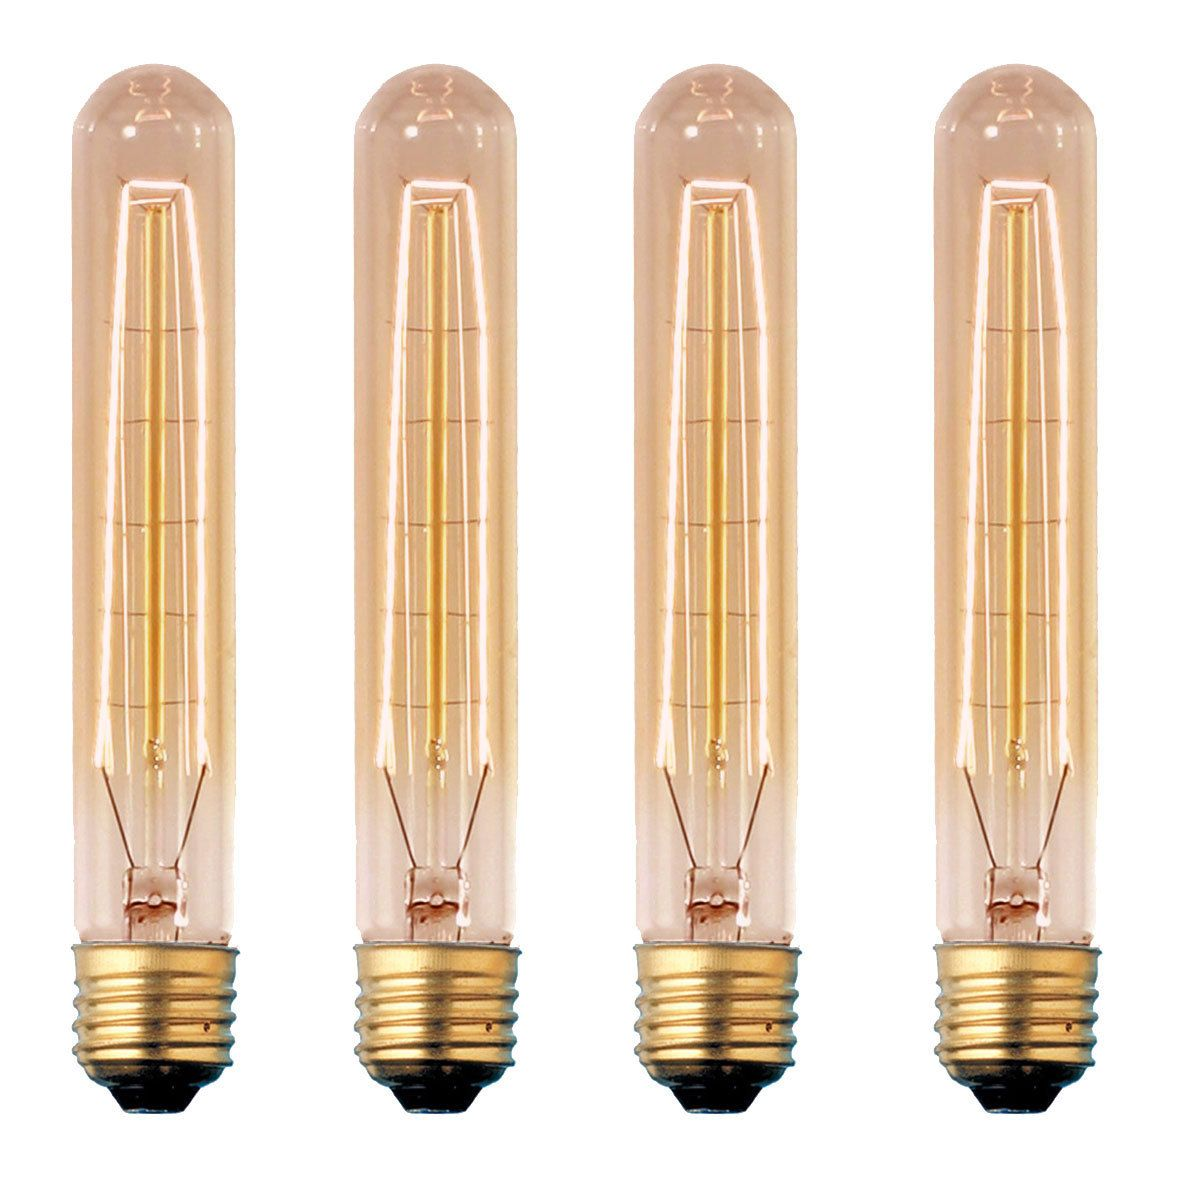 fabcom 30 watt beacon edison bulb 4 pk